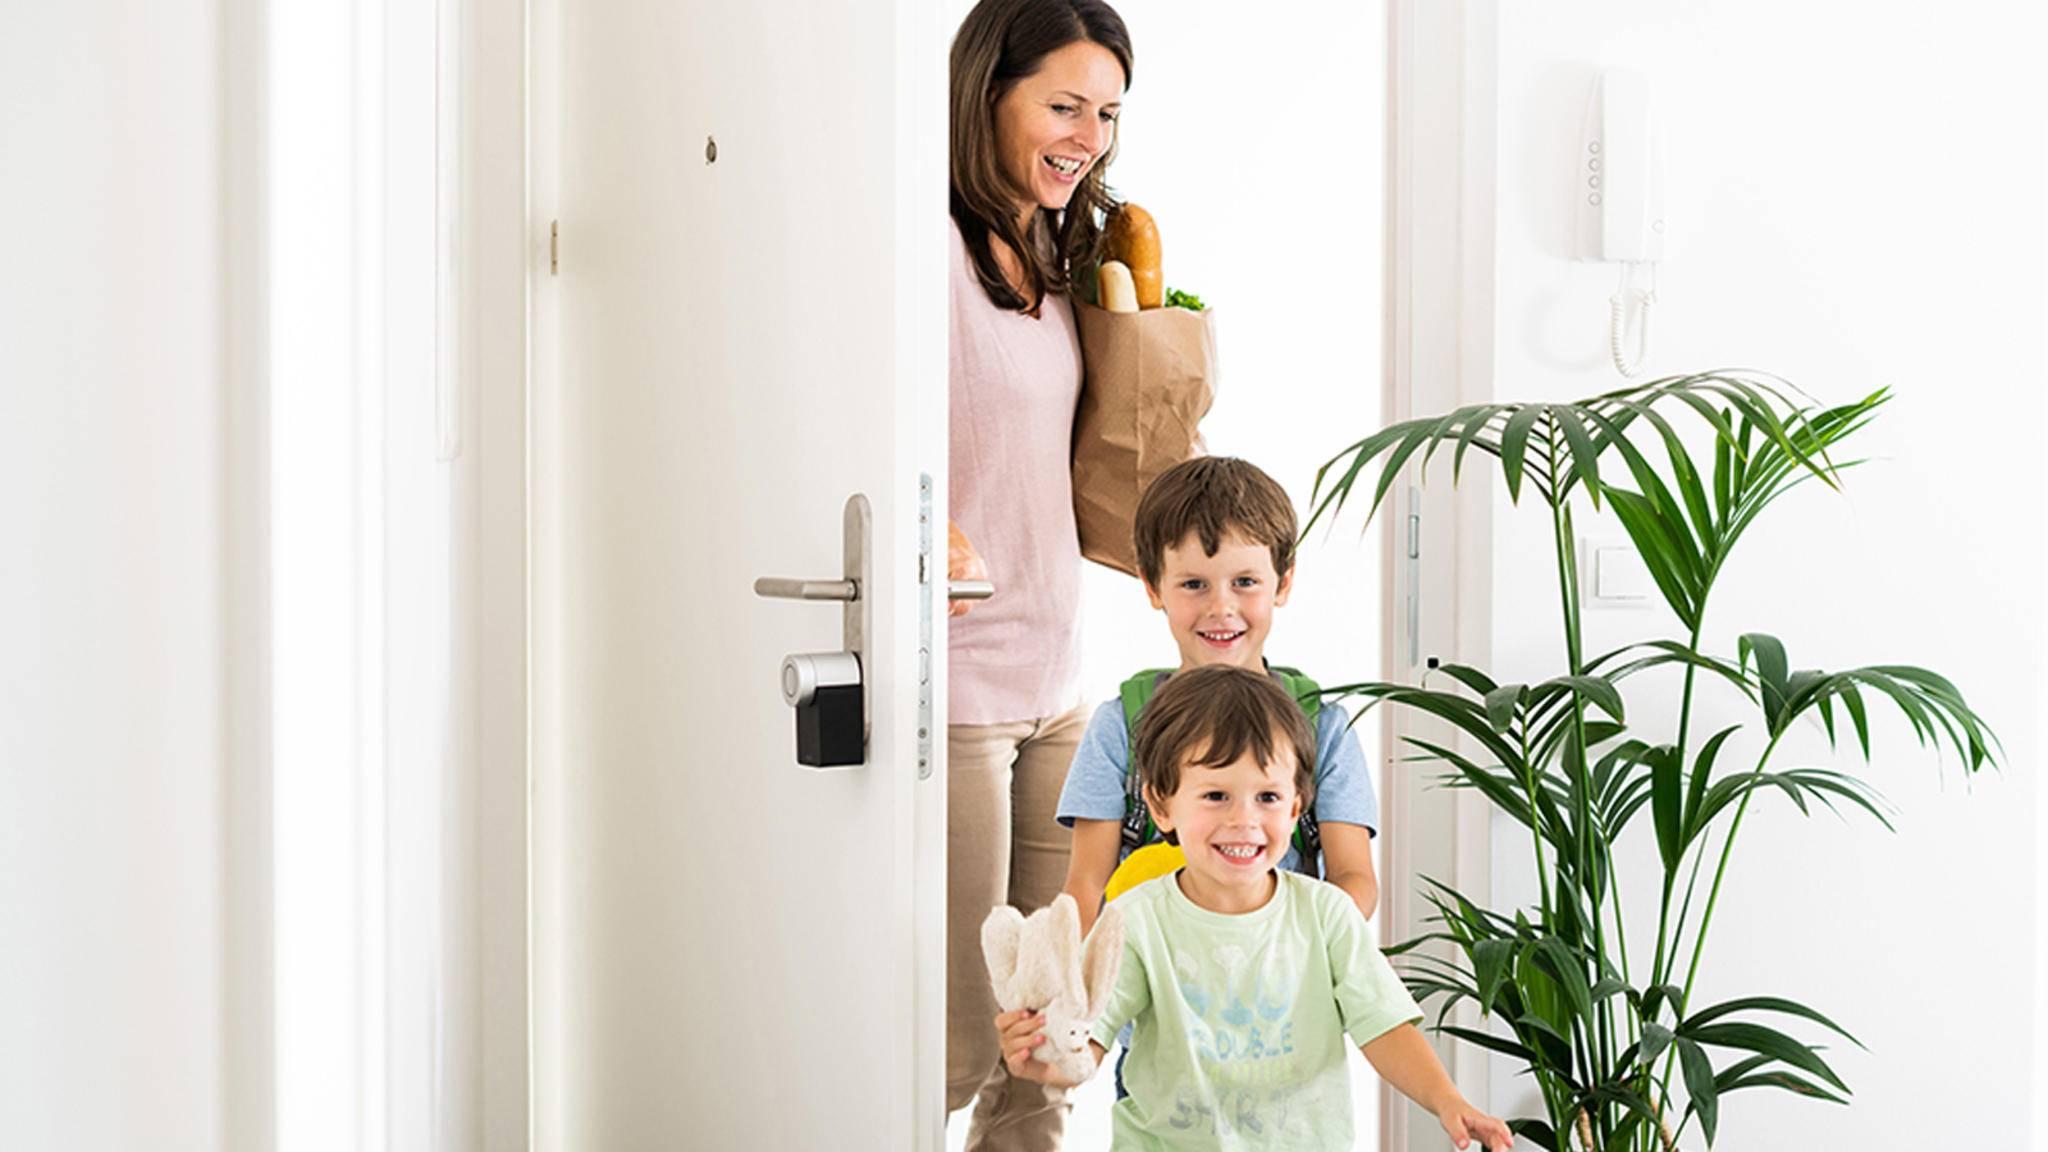 Smarte Türschlösser wie das Smartlock 2.0 von Nuki machen Deine Haustür fit für das 21. Jahrhundert.